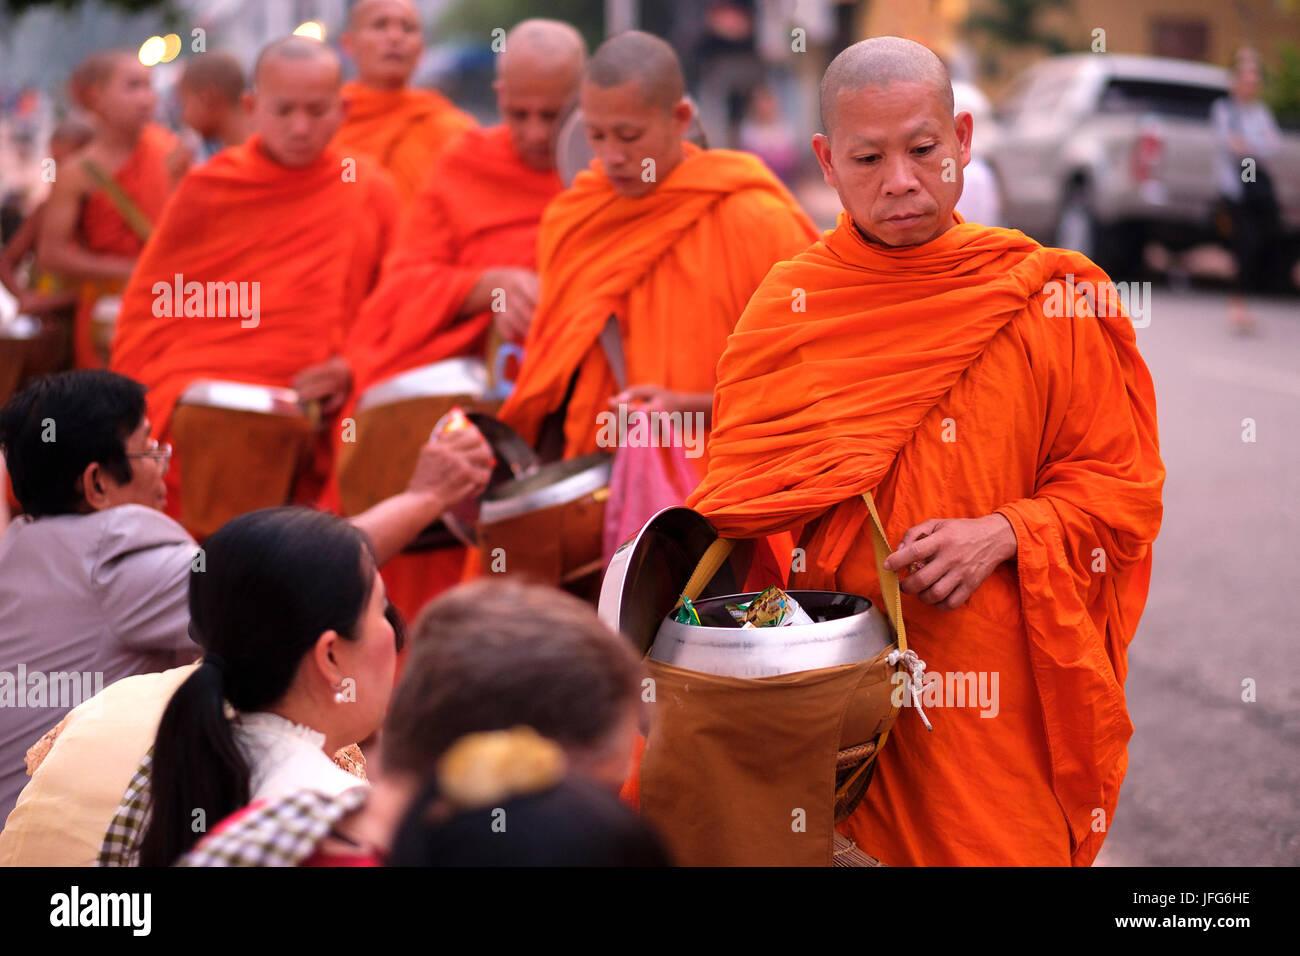 Procession de moines bouddhistes en robe orange à l'aube pour recueillir des dons dans les rues de Luang Photo Stock